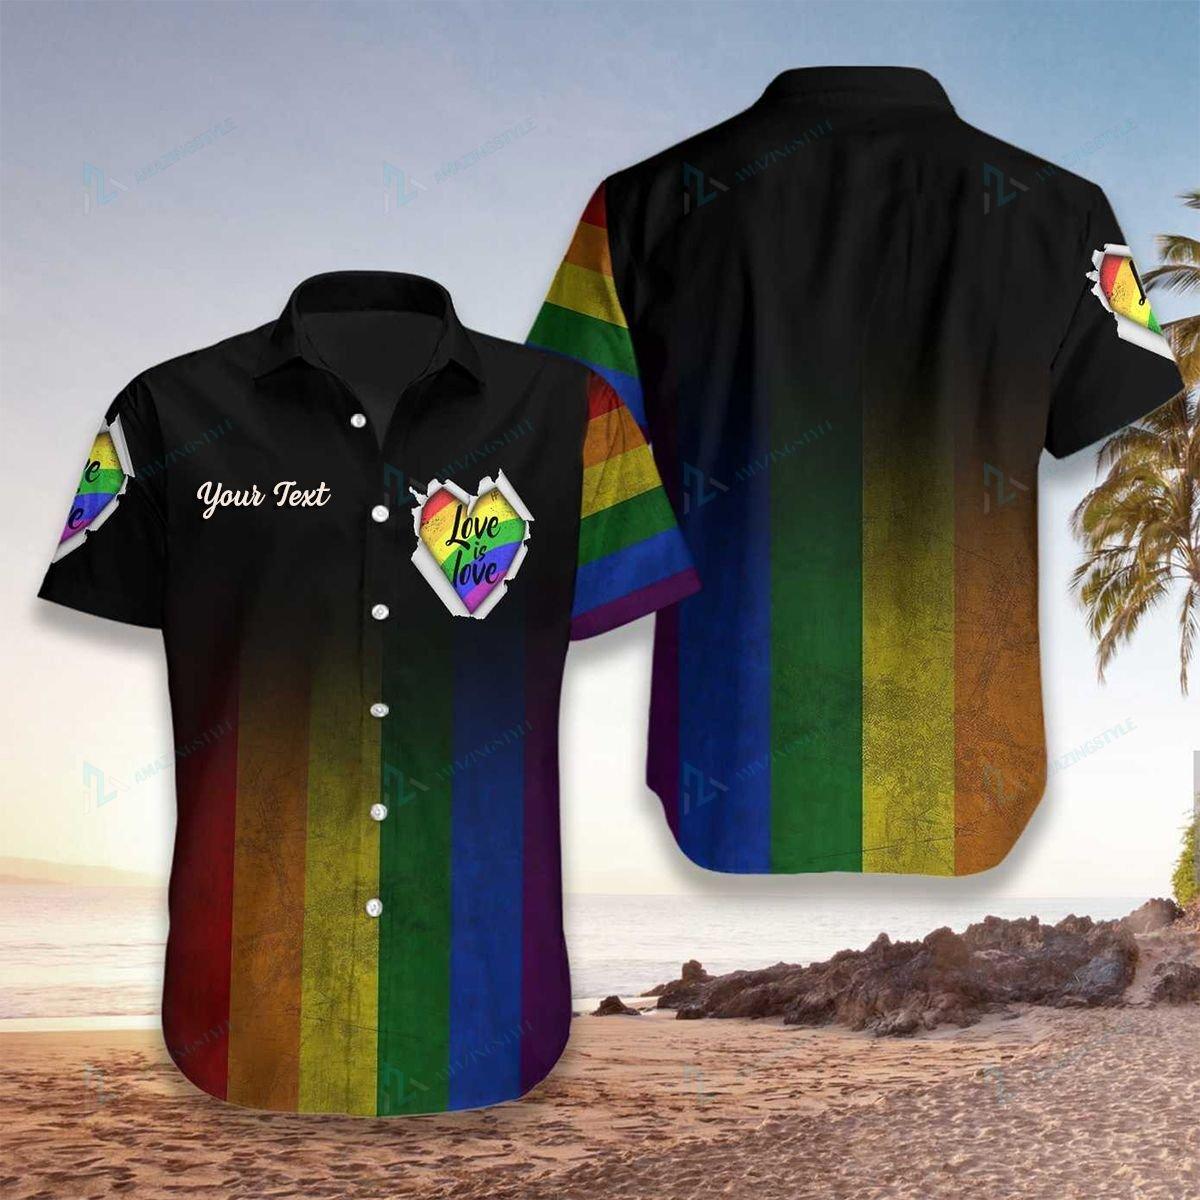 Custom LGBT Love is Love Hawaiian Shirt